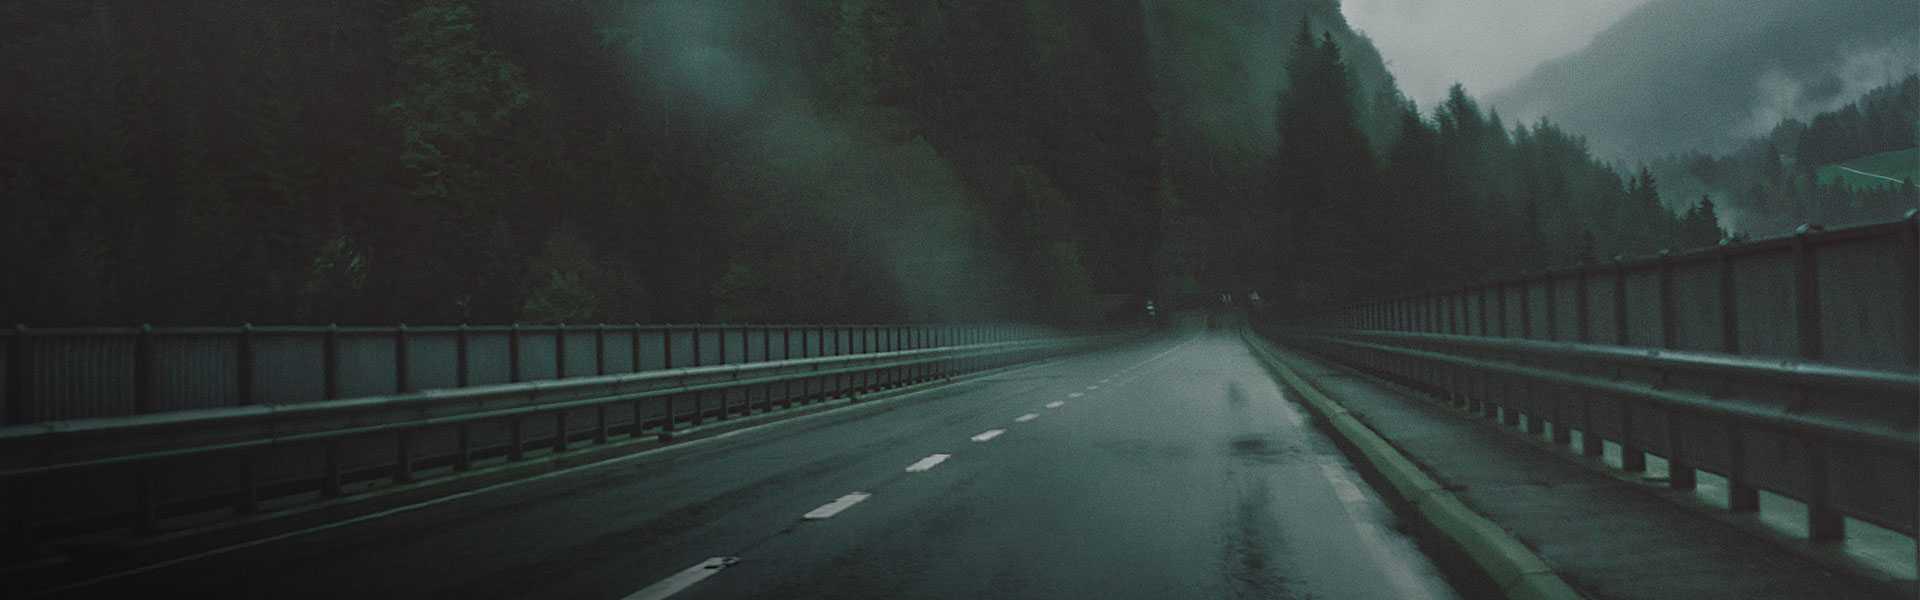 Rouler en moto sous la pluie, comment conserver une bonne visibilité ?